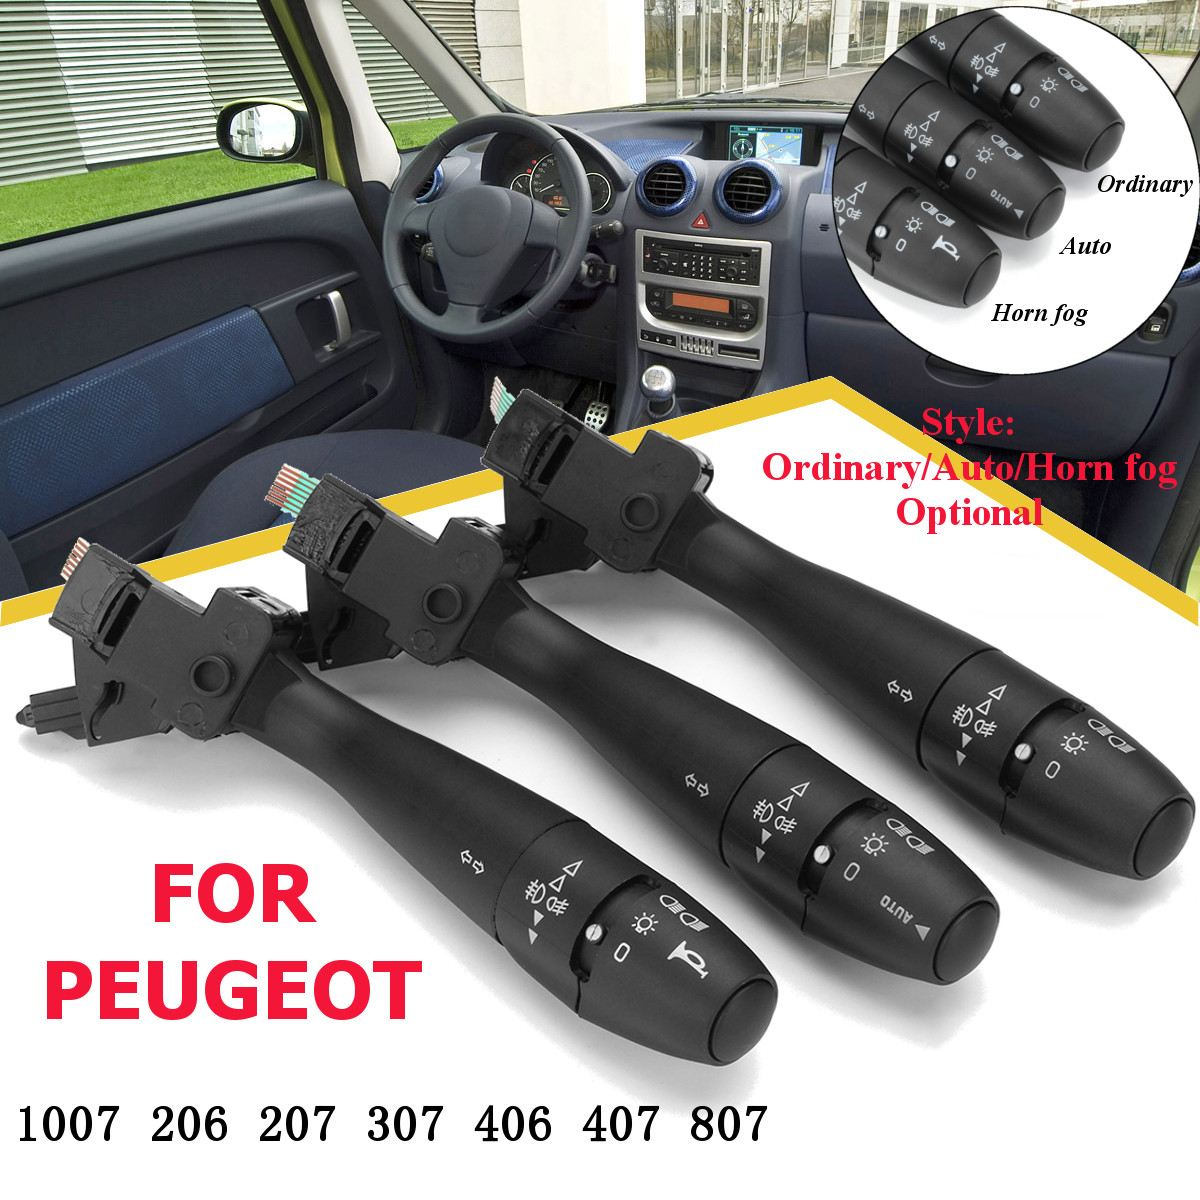 Araba dönüş sinyali göstergesi anahtarı direksiyon kolonu boynuz oto 96477533XT için PEUGEOT 1007 206 207 307 406 407 807